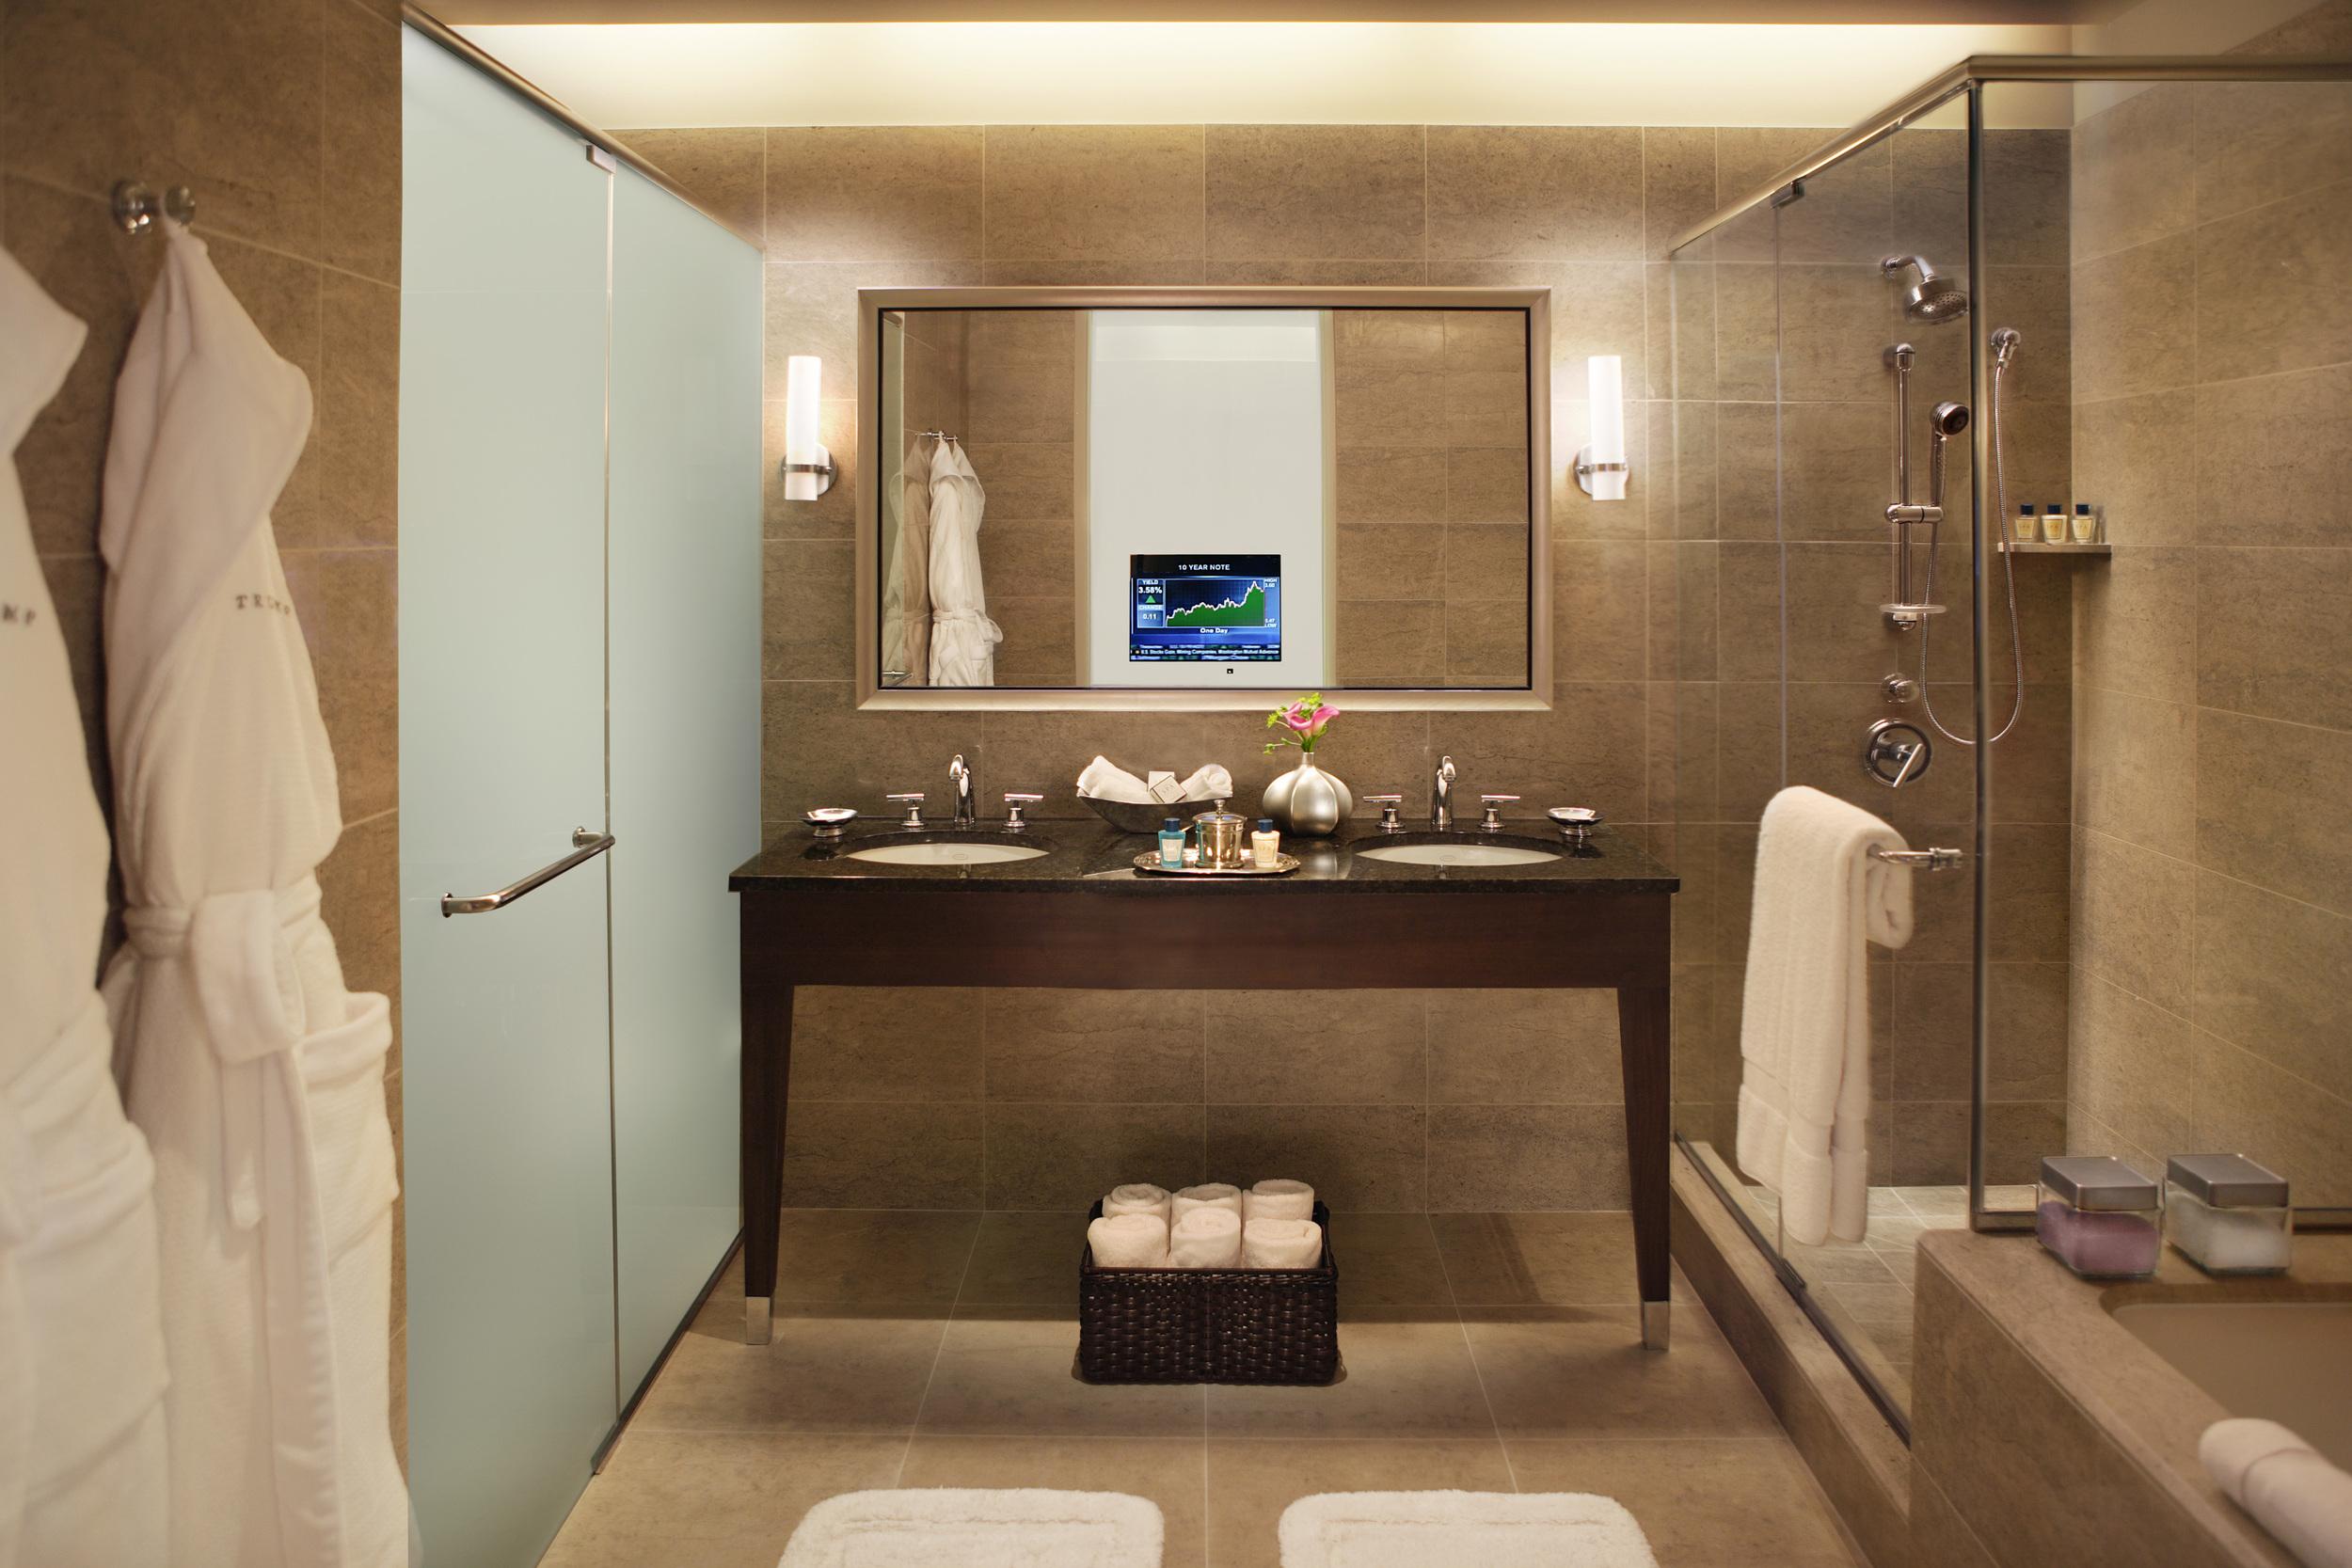 1340723256-Suite-Bathroom.jpg